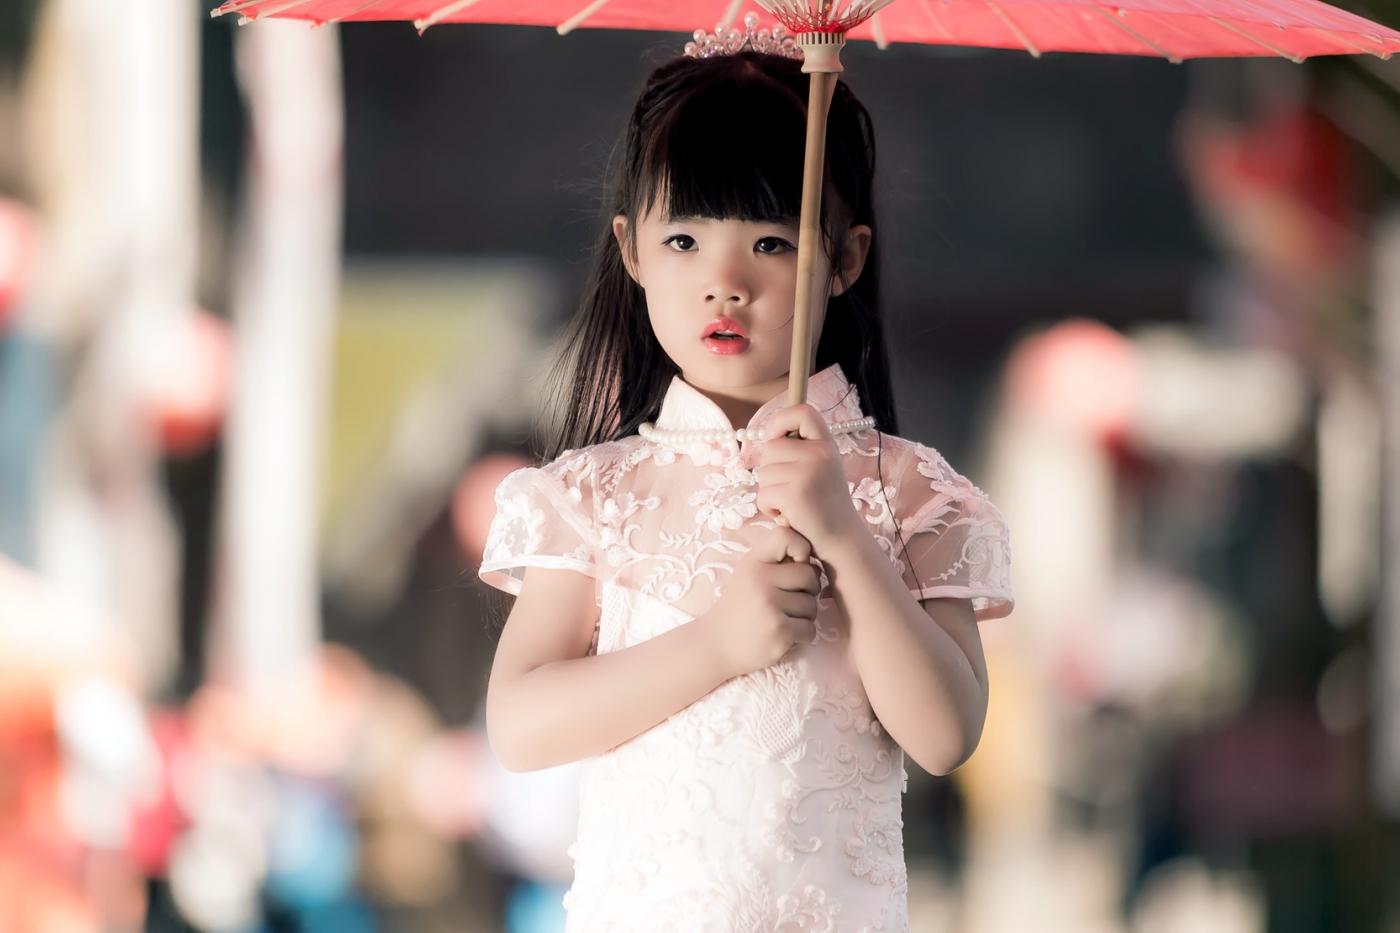 沂蒙娃娃穿上礼服走上show台 有个女孩特别萌 礼仪就要从娃娃抓起 ..._图1-23